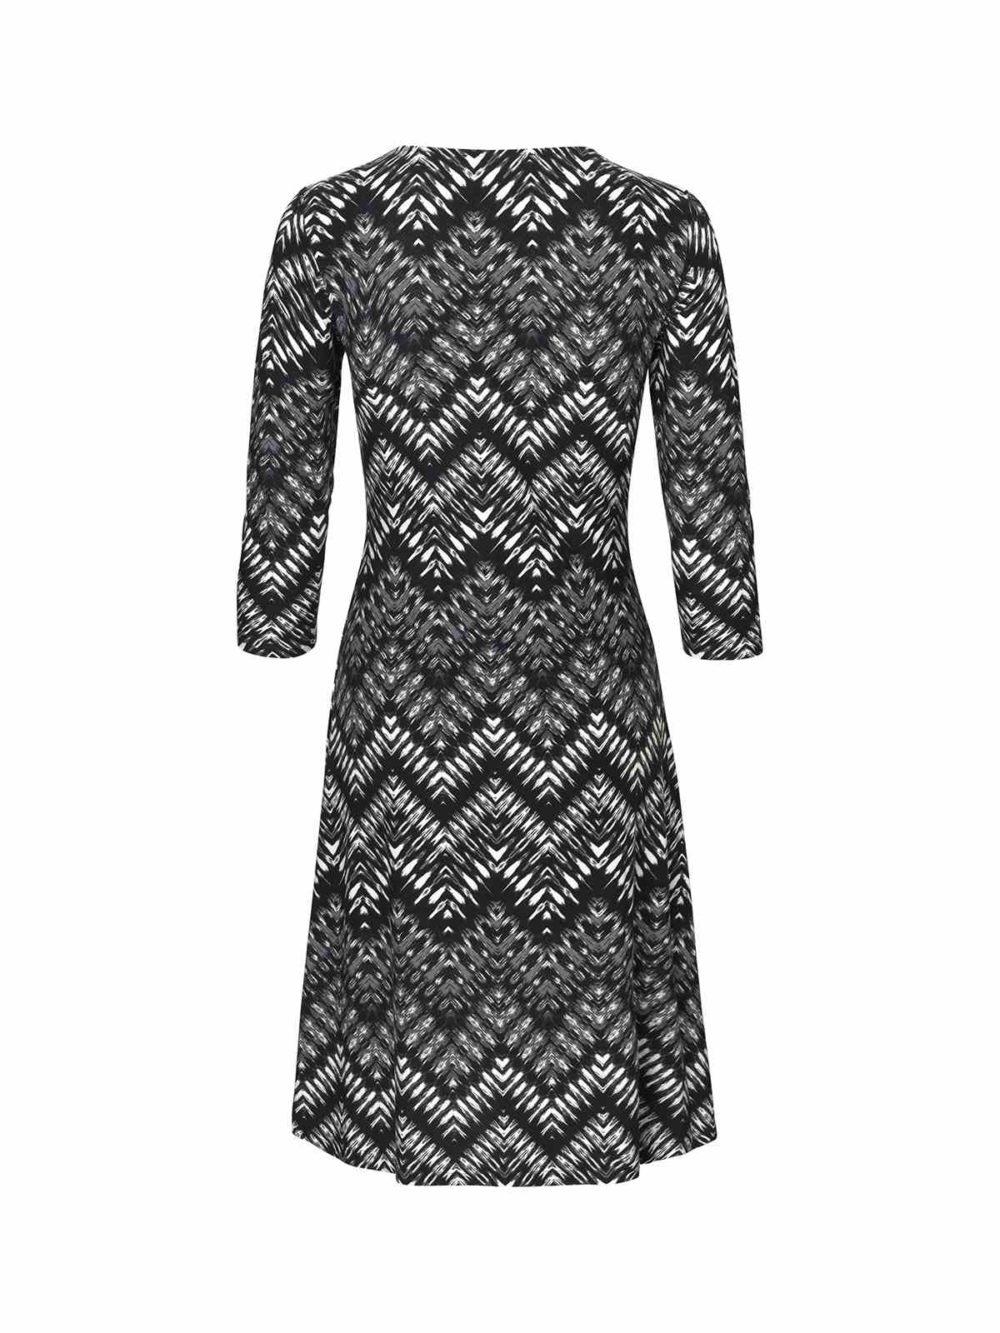 Kimo10 Dress